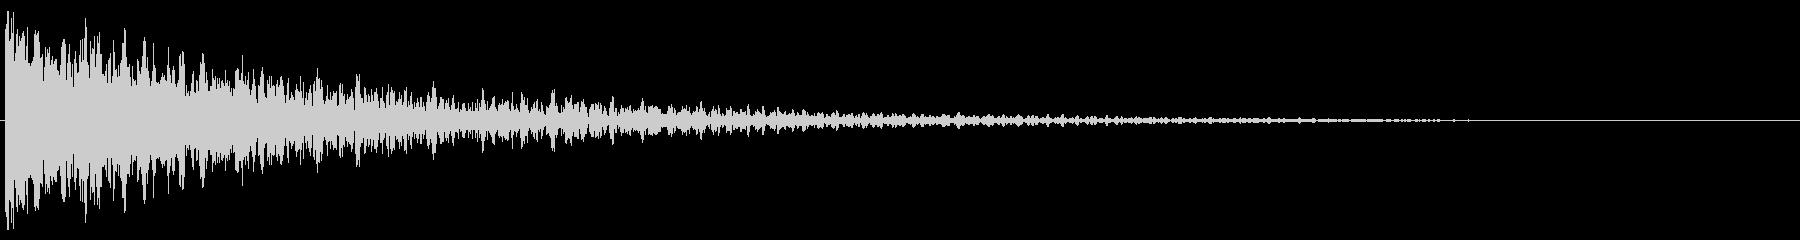 デン!/インパクト系/シンセサイザーの未再生の波形